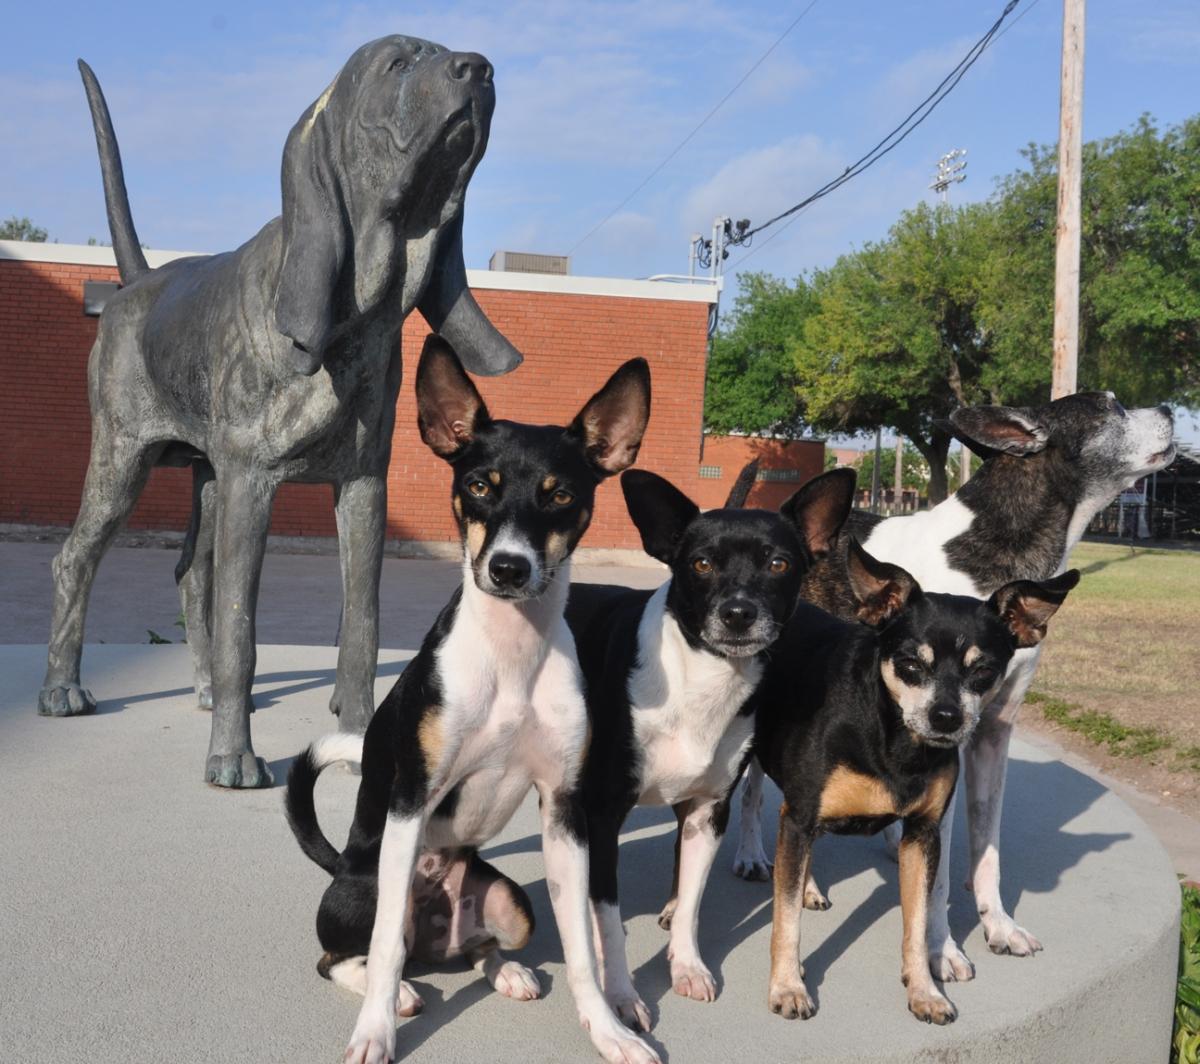 4wbloodhound